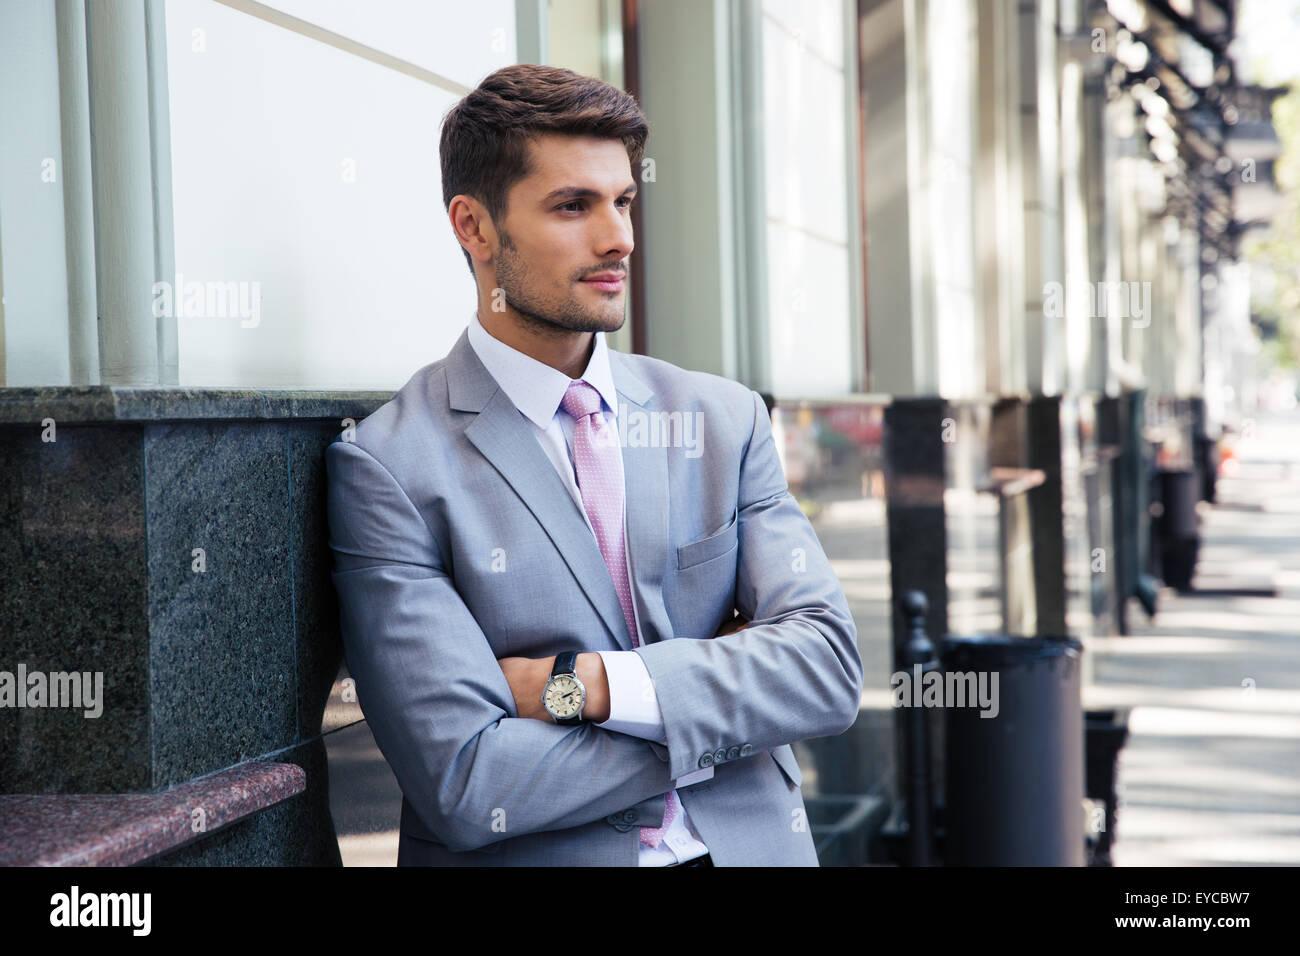 Porträt eines nachdenklich Geschäftsmann mit Arme gefaltetes stehen draußen in der Stadt Stockbild